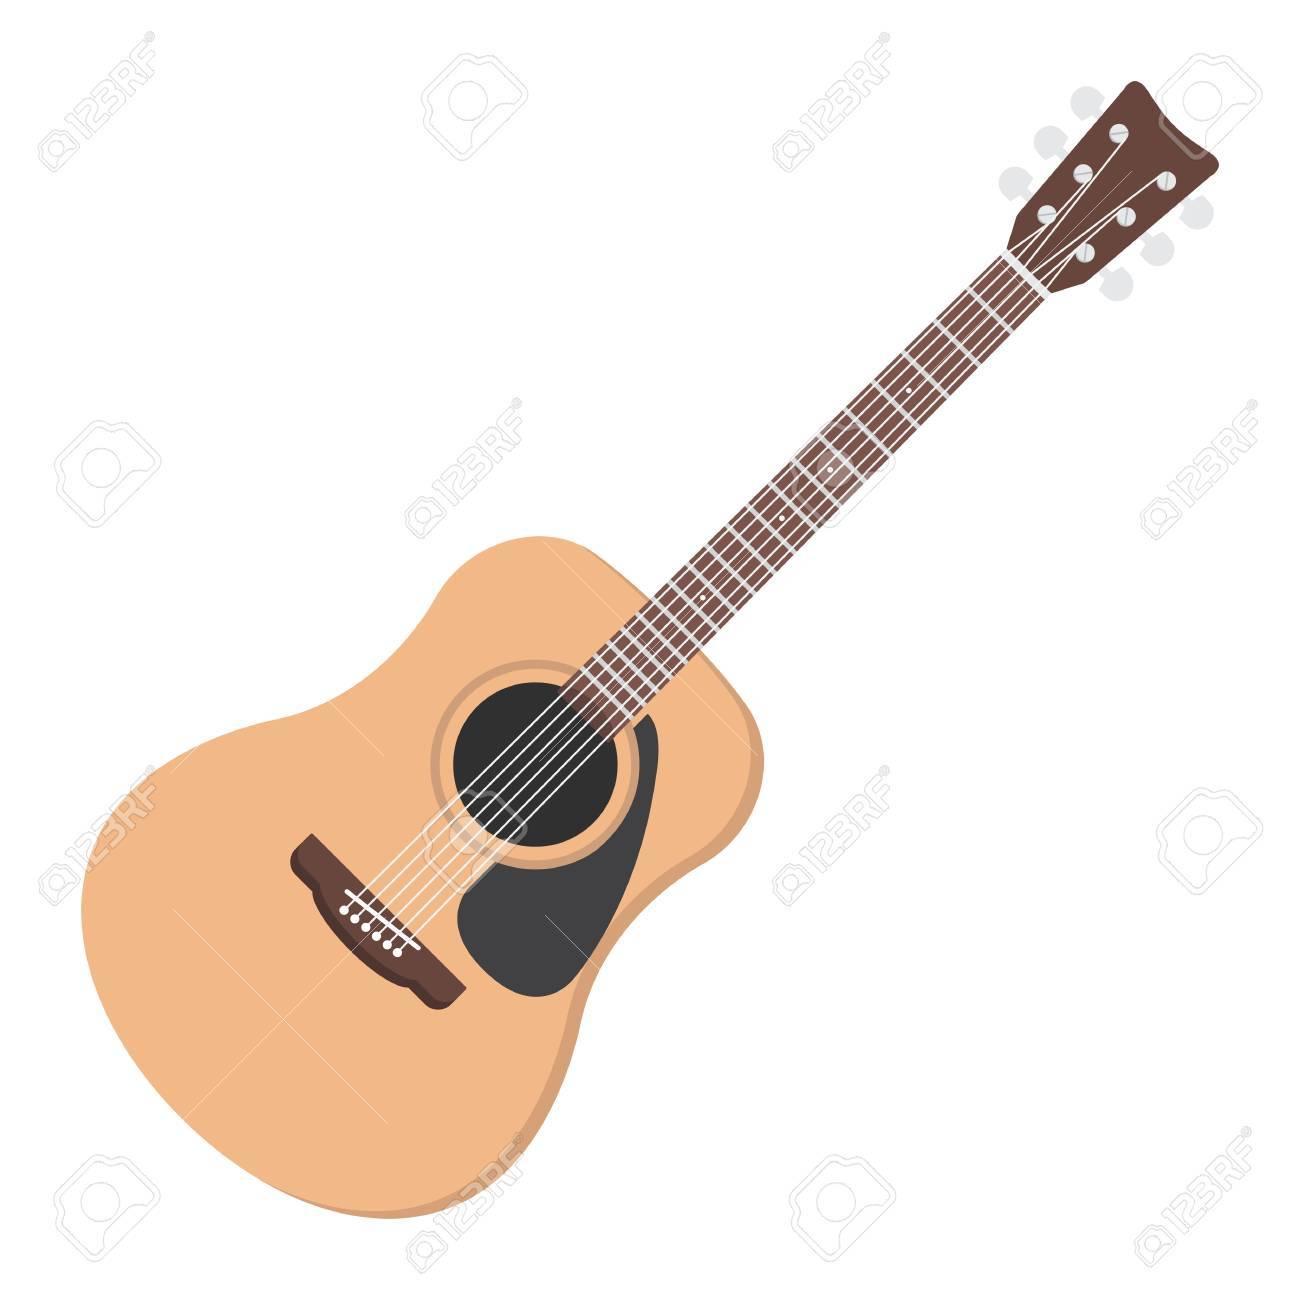 Icono, Música E Instrumento Planos De La Guitarra Acústica, Gráficos ...